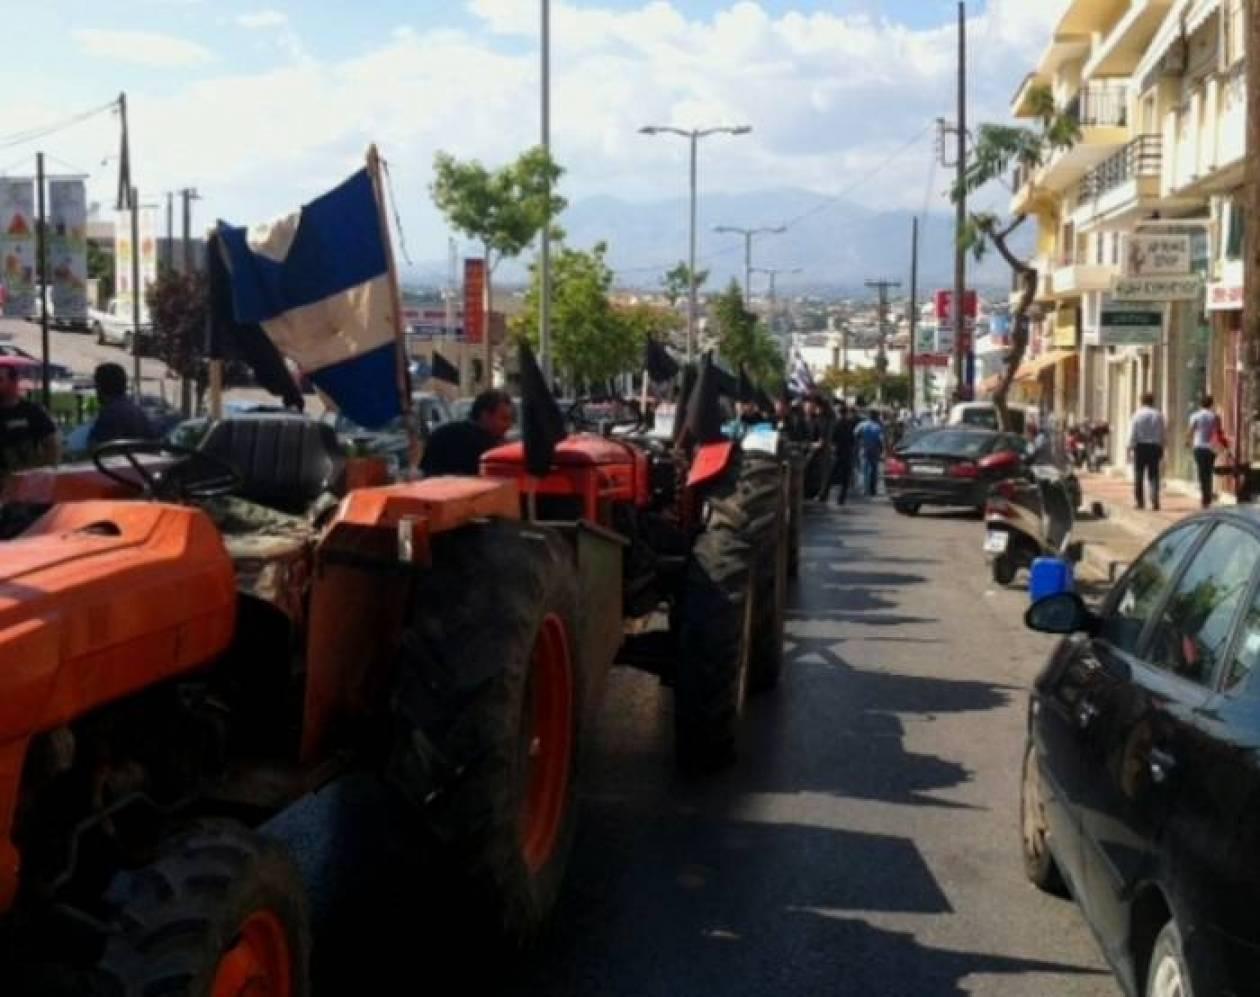 Θεσσαλονίκη: Μηχανοκίνητη πορεία με αγροτικά αυτοκίνητα στο κέντρο